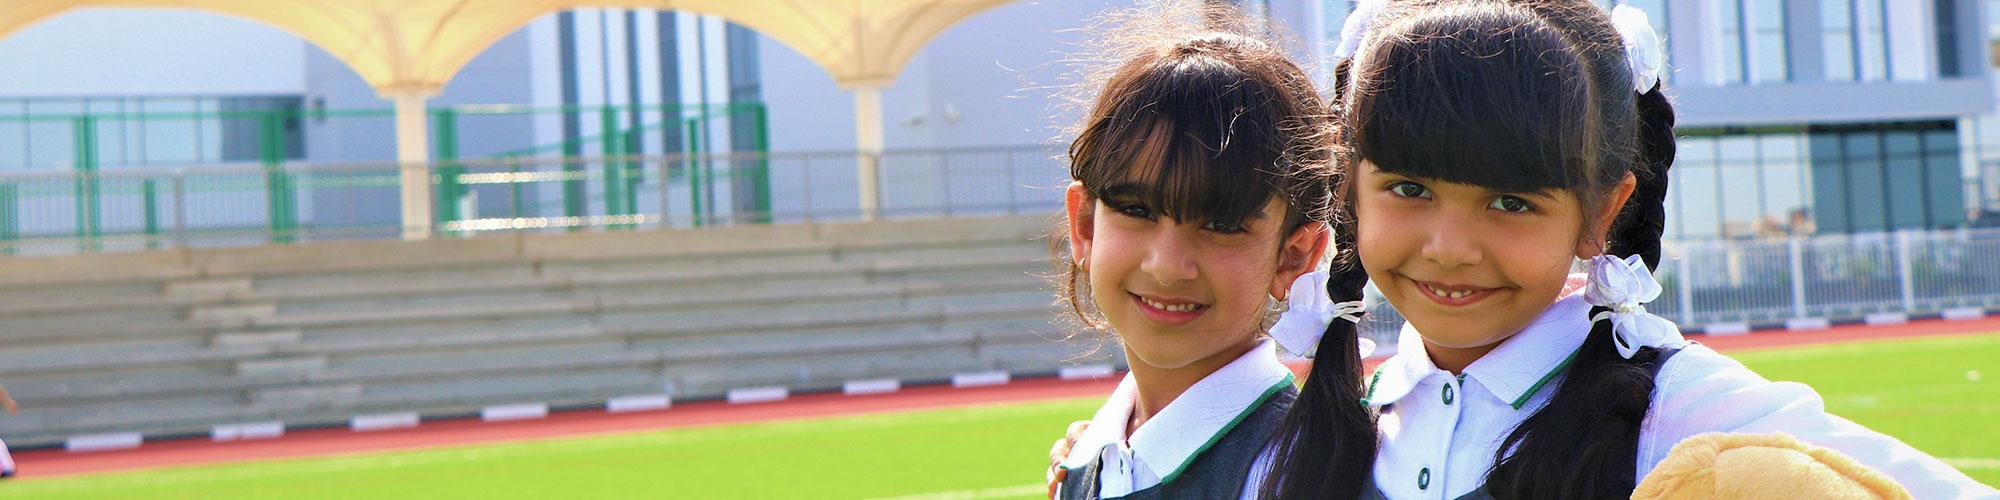 ISC-Umm al Quwain Students